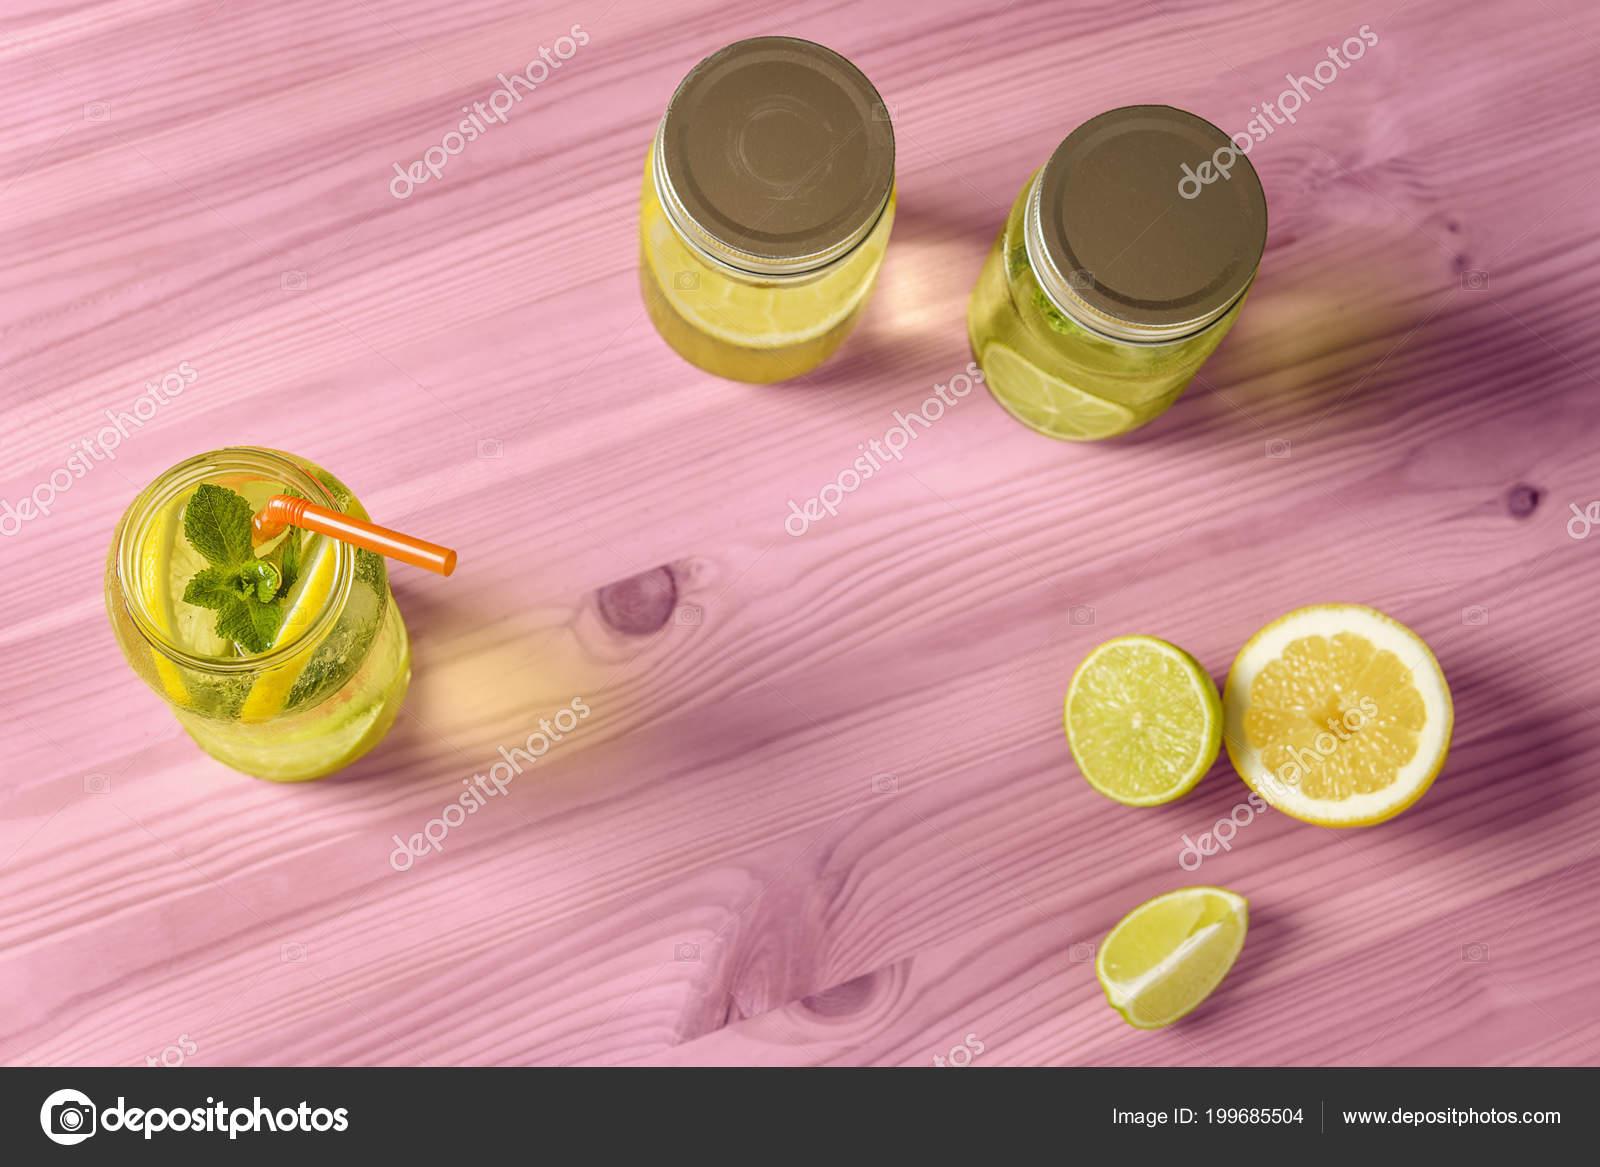 364f6642fe3 Plochou píseň o Hildebrandovi limonáda s mátou a Cane pít do zavařovačky  osvětlena slunečním světlem